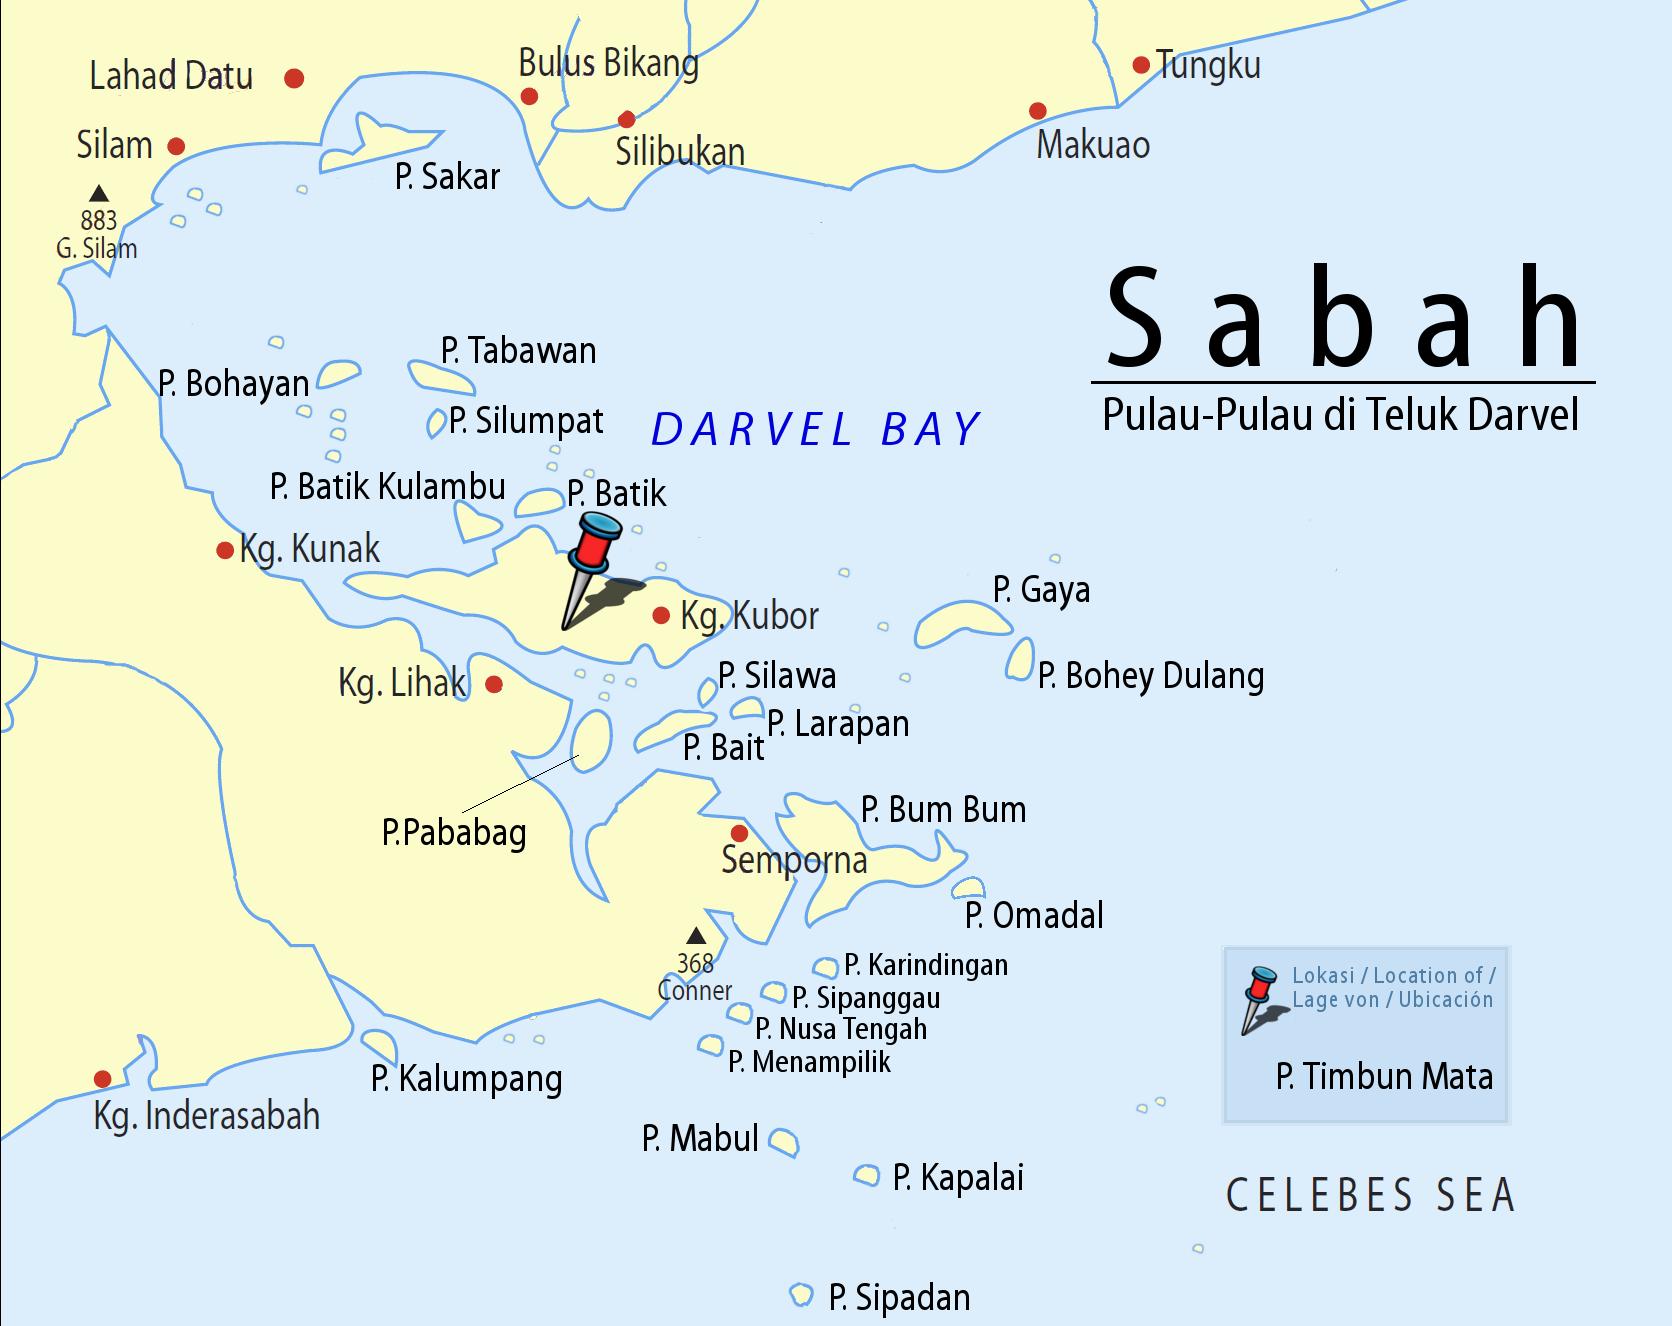 Pulau Timbun Mata